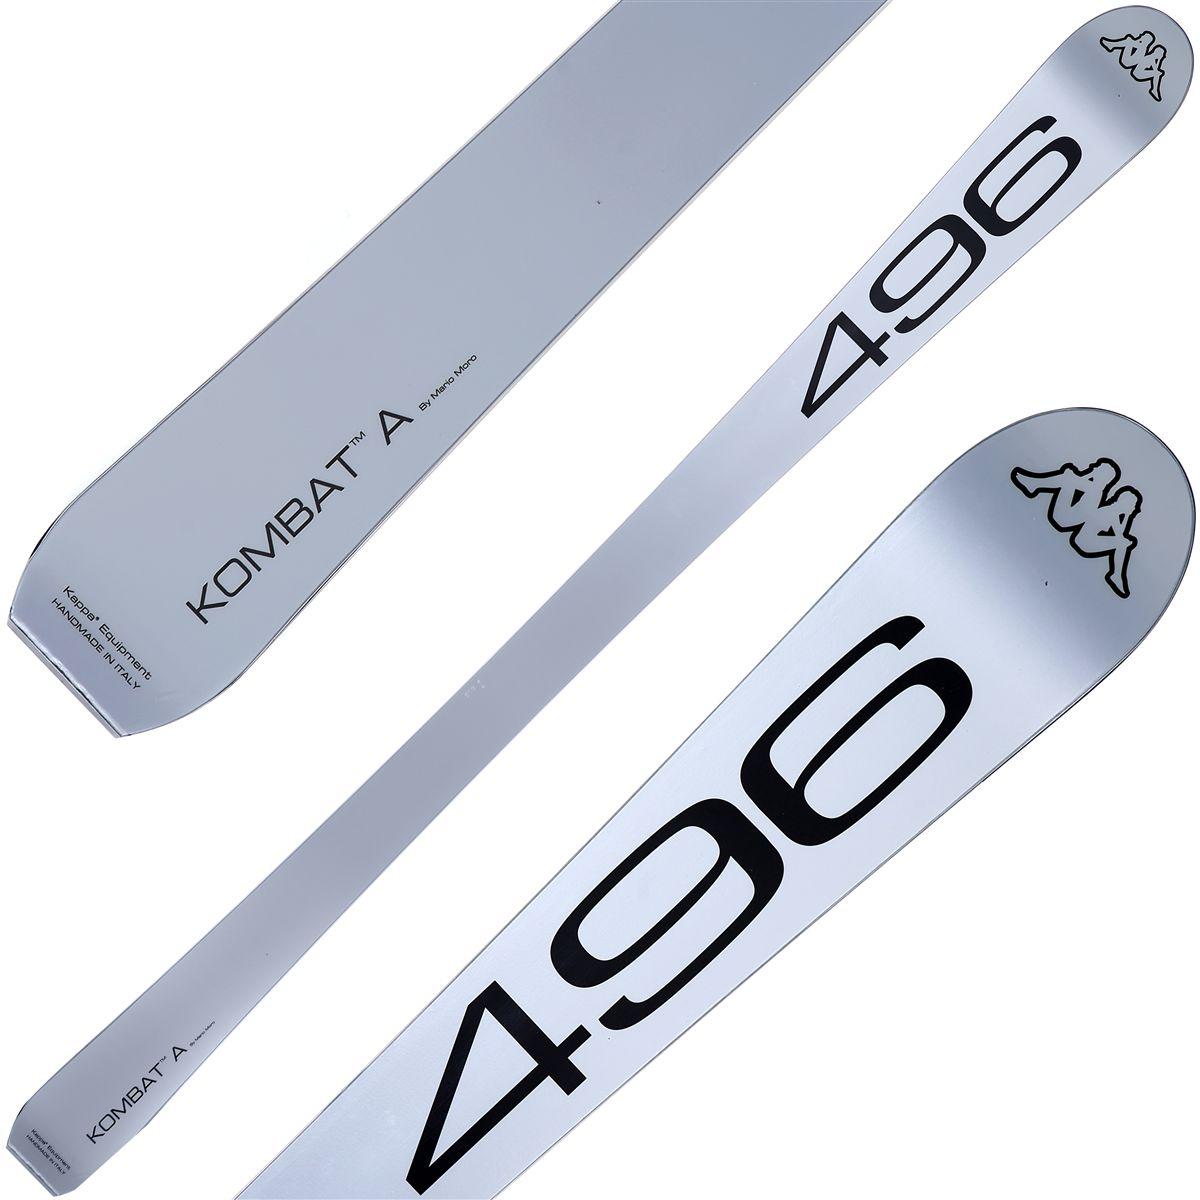 Kappa Ski uomo-302AYA0